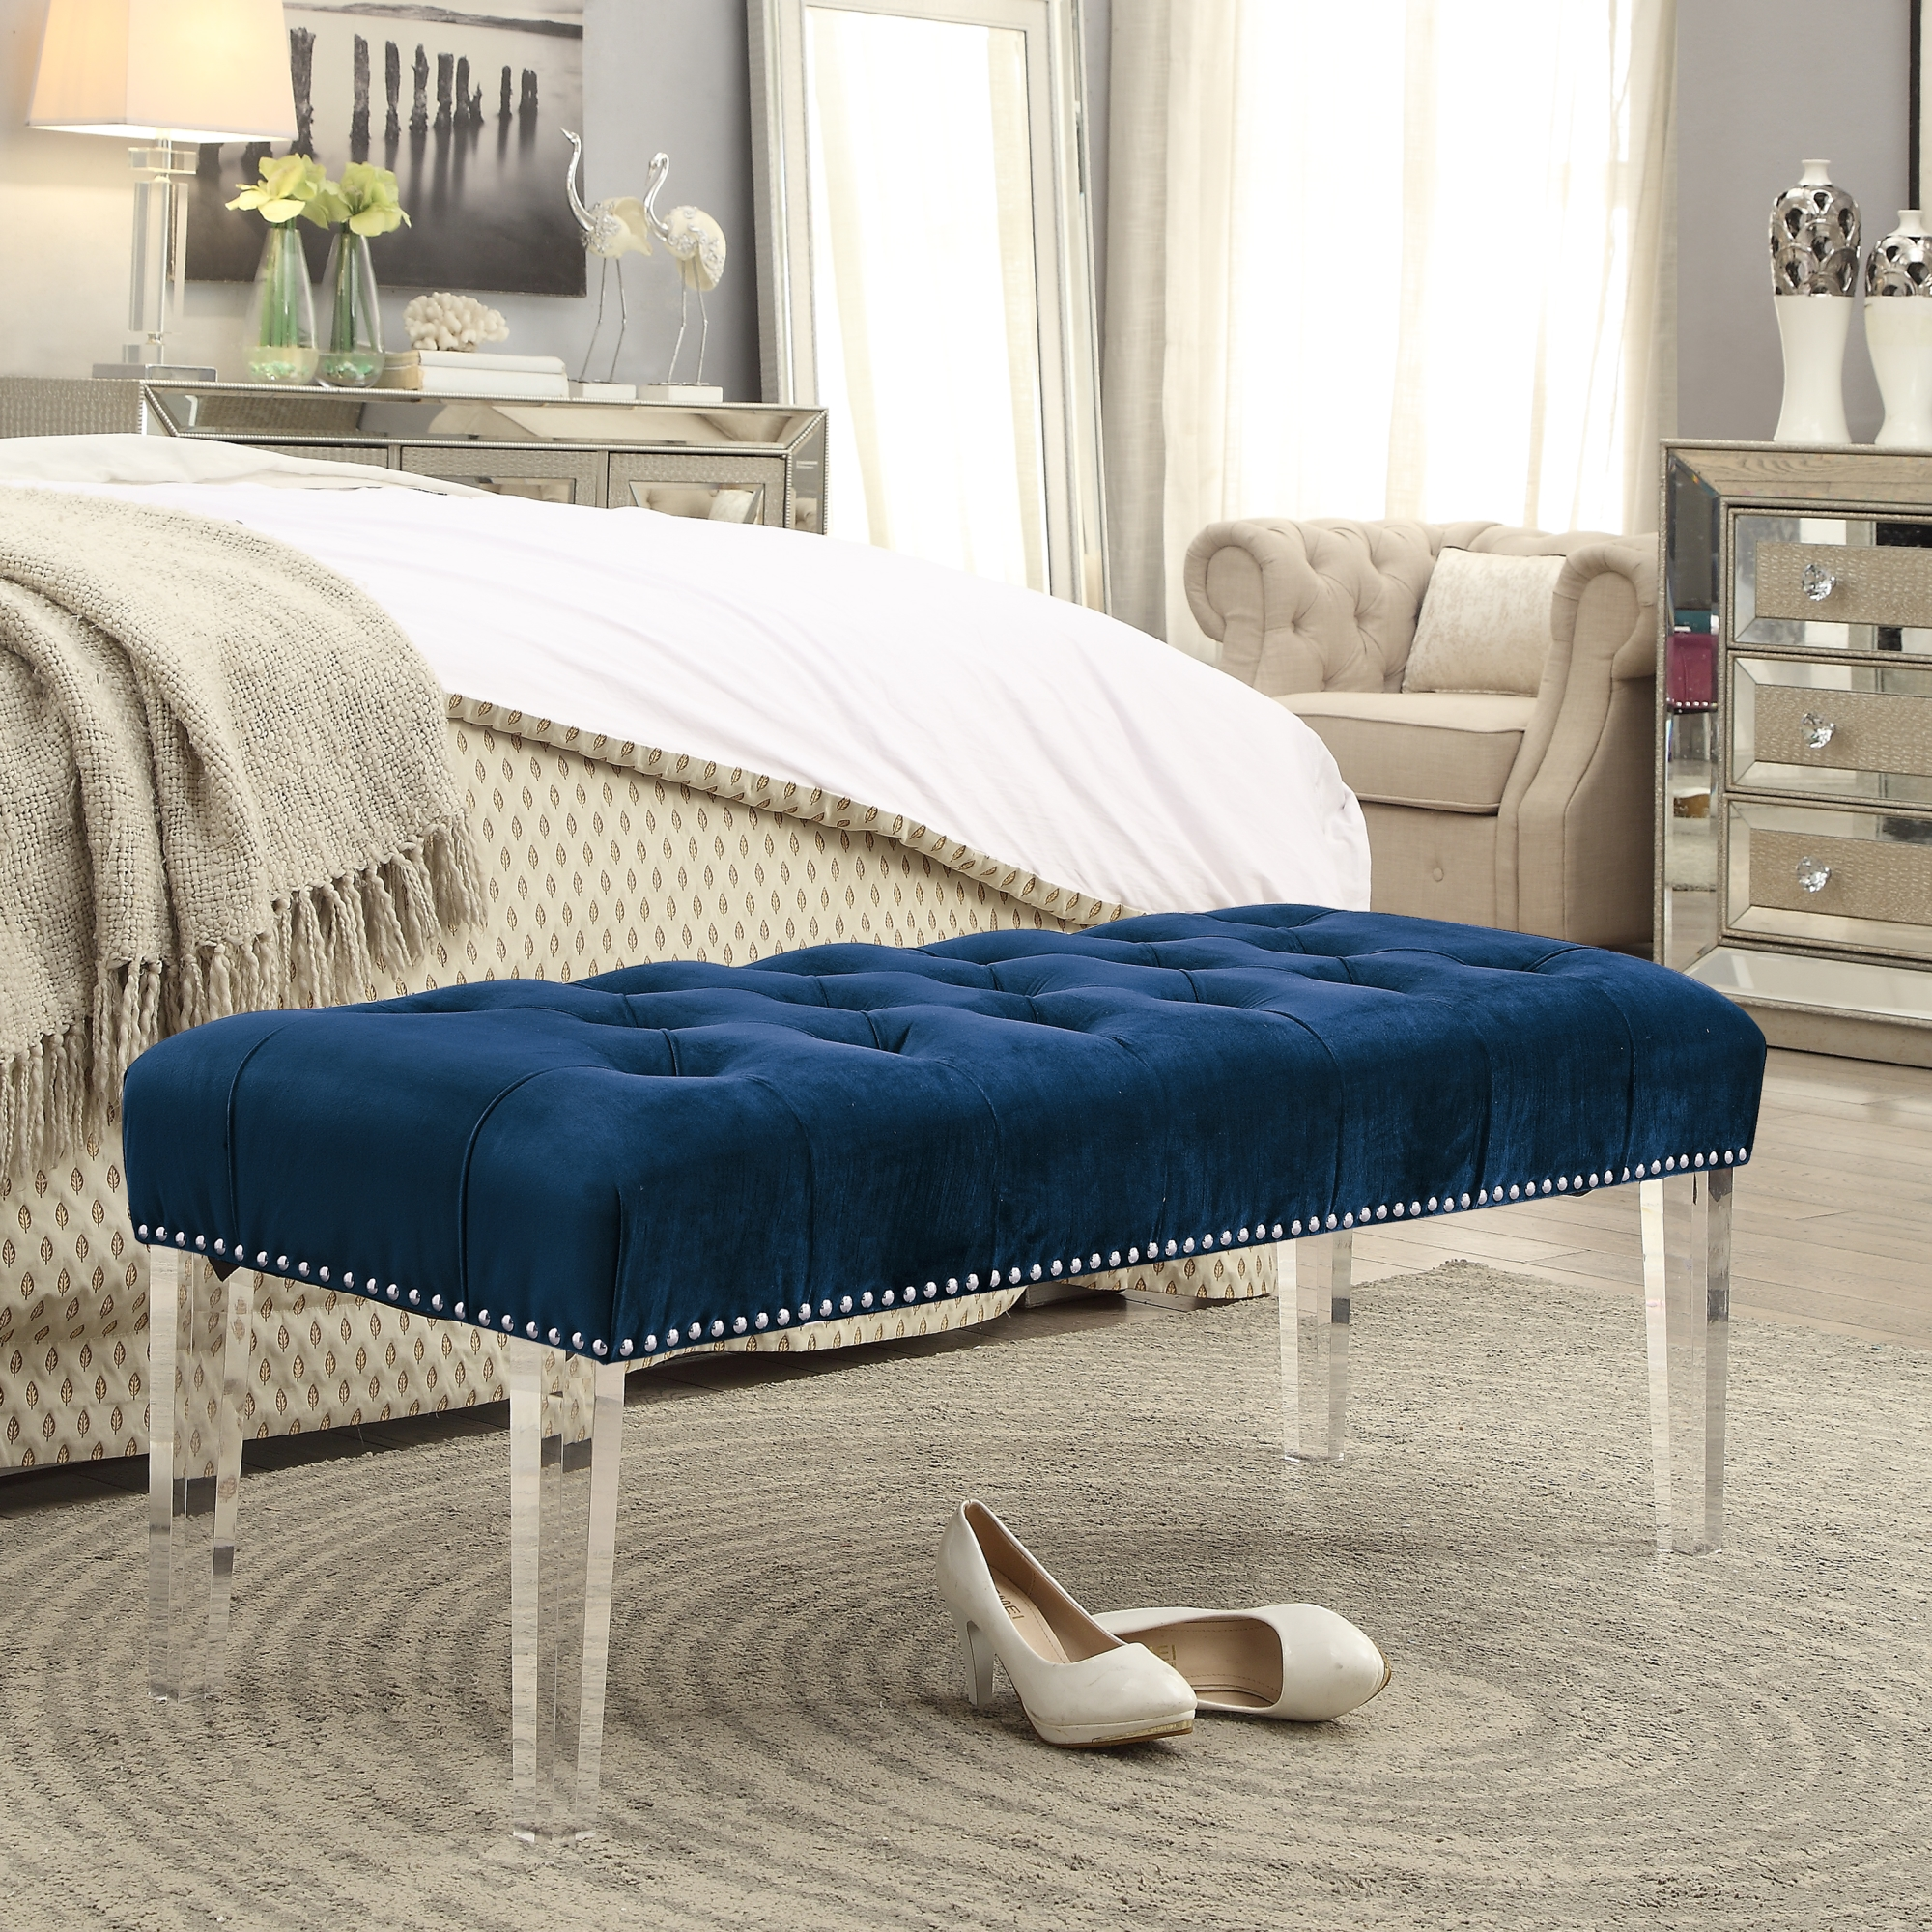 Eugene Grey Velvet Upholstered Bench - Acrylic Legs | Tufted | Nailhead | by Inspired Home